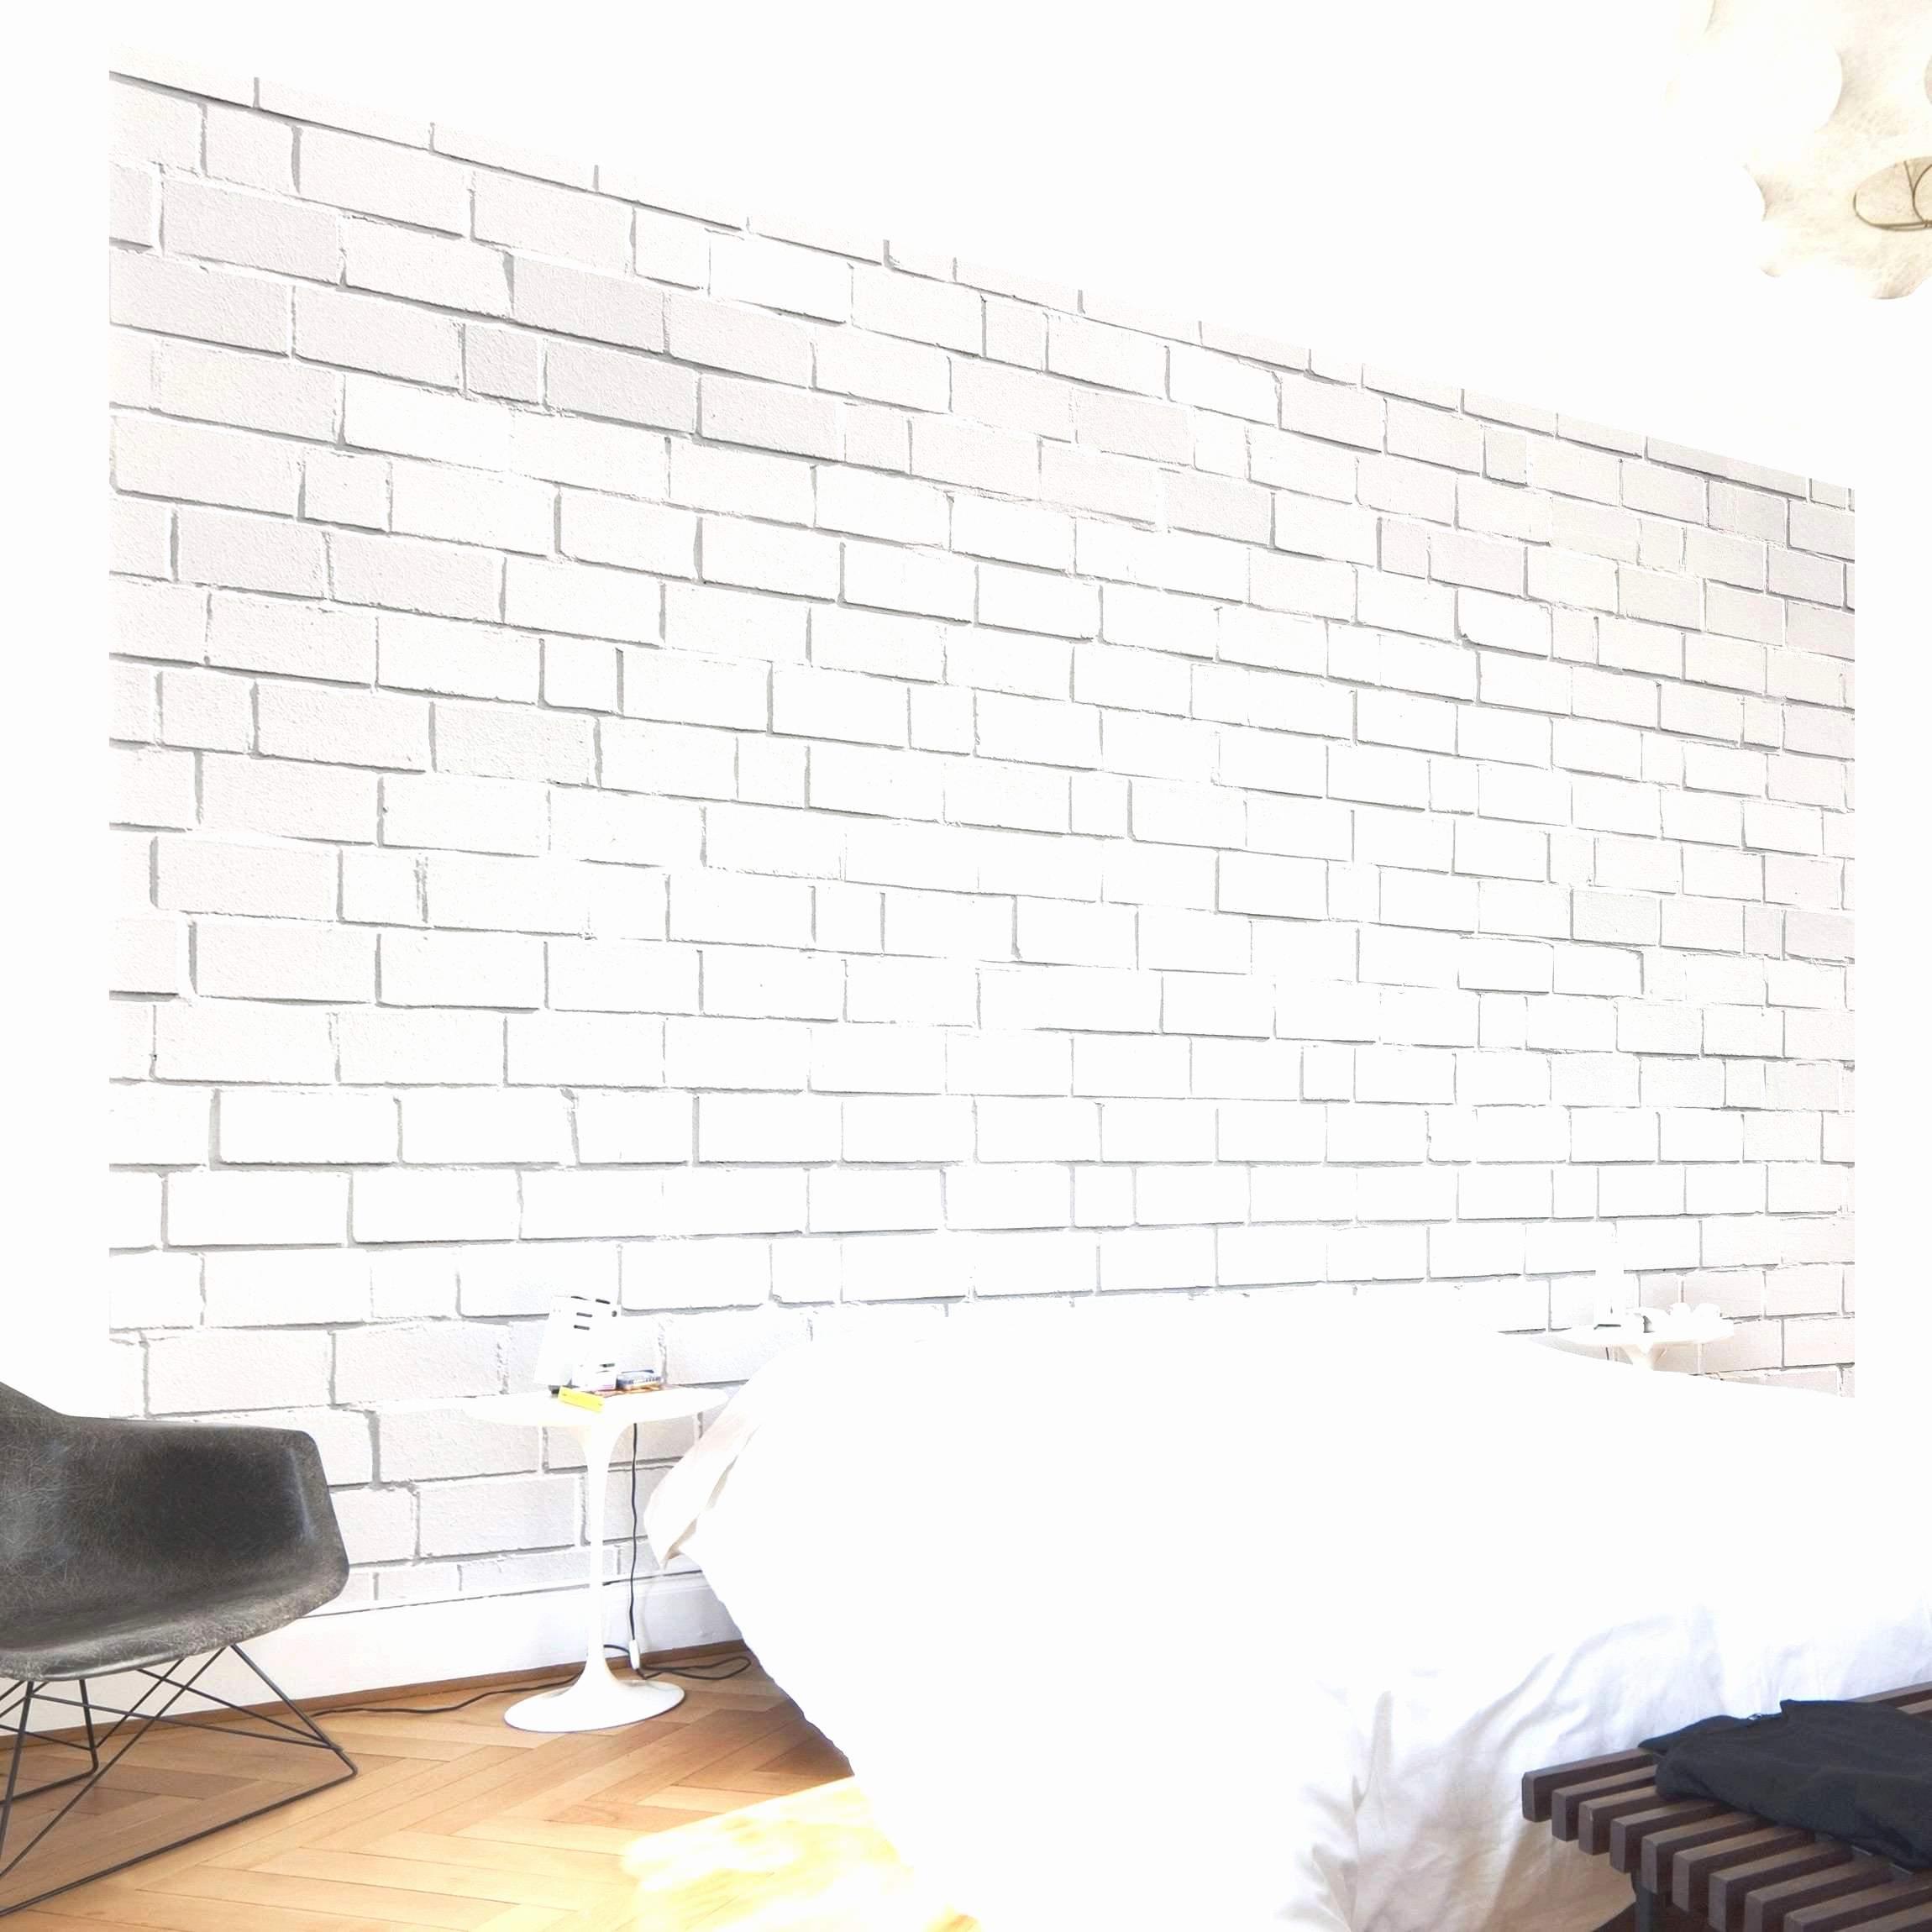 Kreative Wohnideen Selbst Gemacht Inspirierend 38 Das Beste Von Moderne Wohnzimmer Ideen Einzigartig